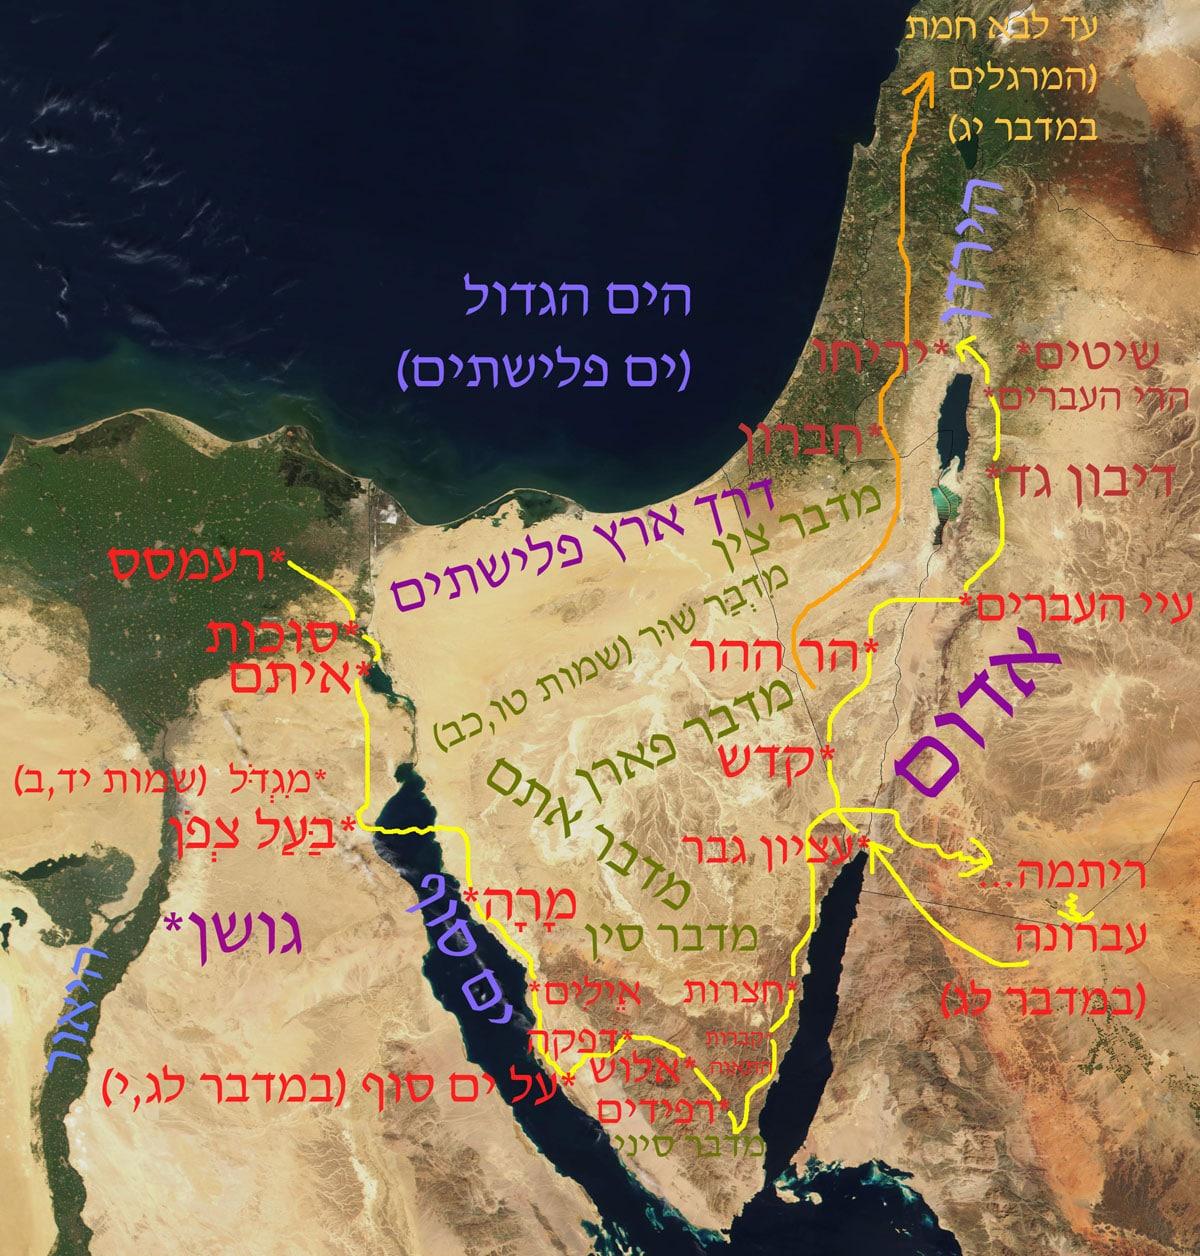 XXI Magguid – Lois concernant le récit de la sortie d'Egypte - Torath Hamoadim